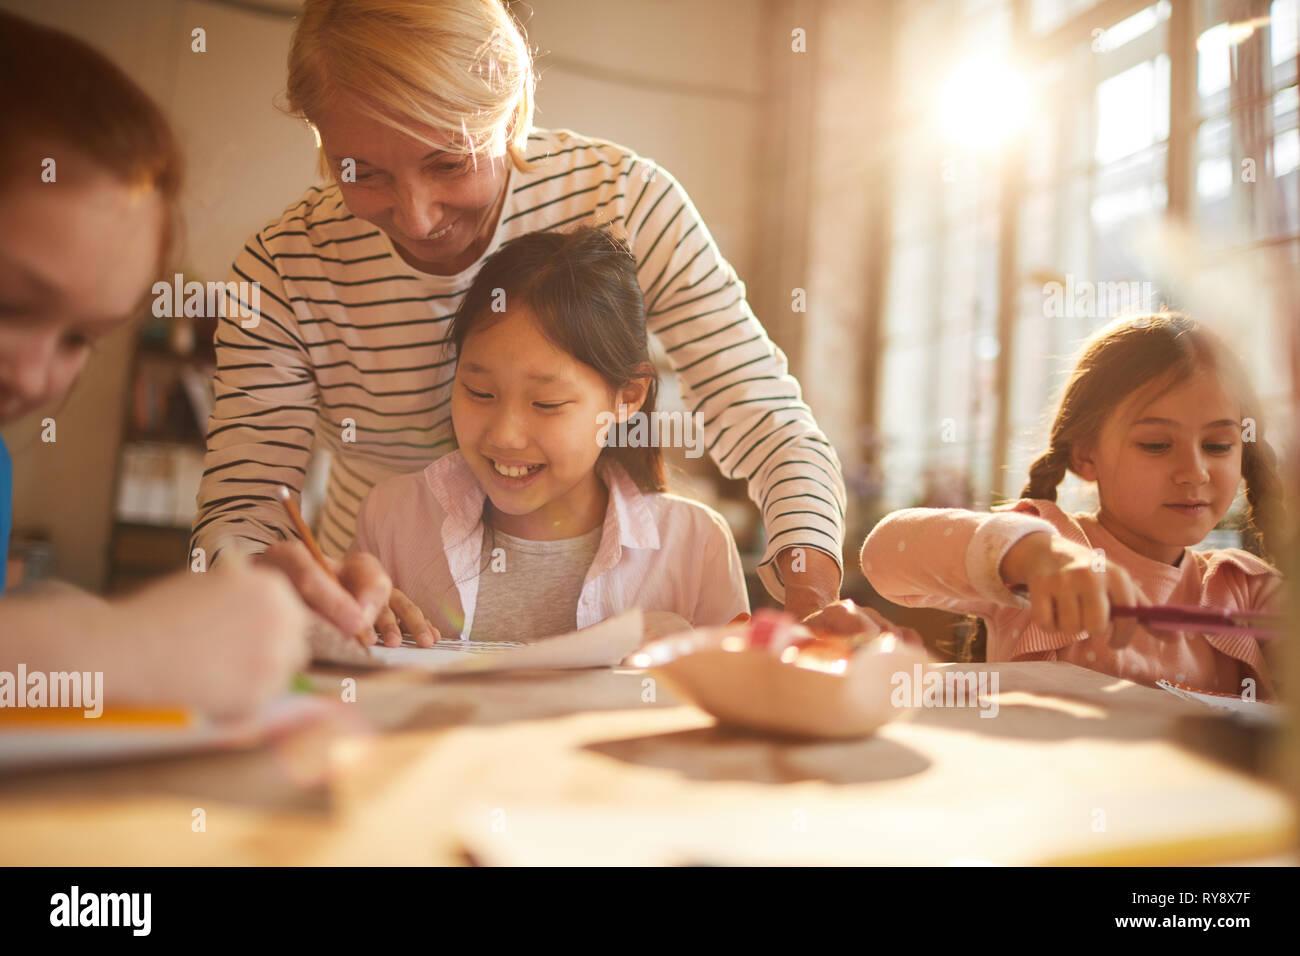 Portrait von einer Frau, die mit einer Gruppe von kleinen Mädchen Malerei im Kunstunterricht, Szene beleuchtet durch heitere Sonnenlicht, Kopie Raum Stockbild